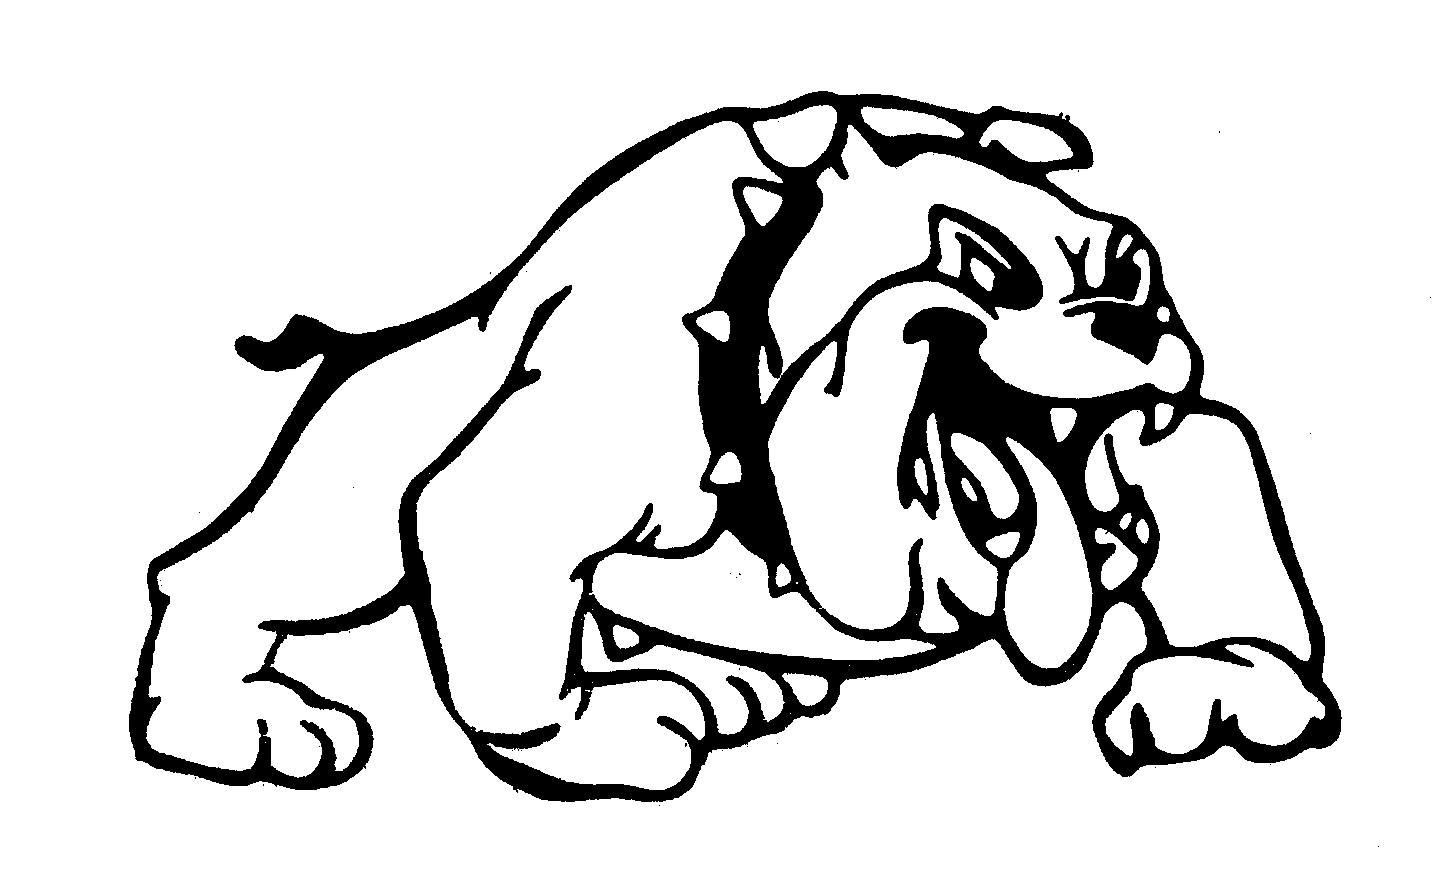 Bulldog clipart logo jpg - ClipartFest jpg freeuse stock